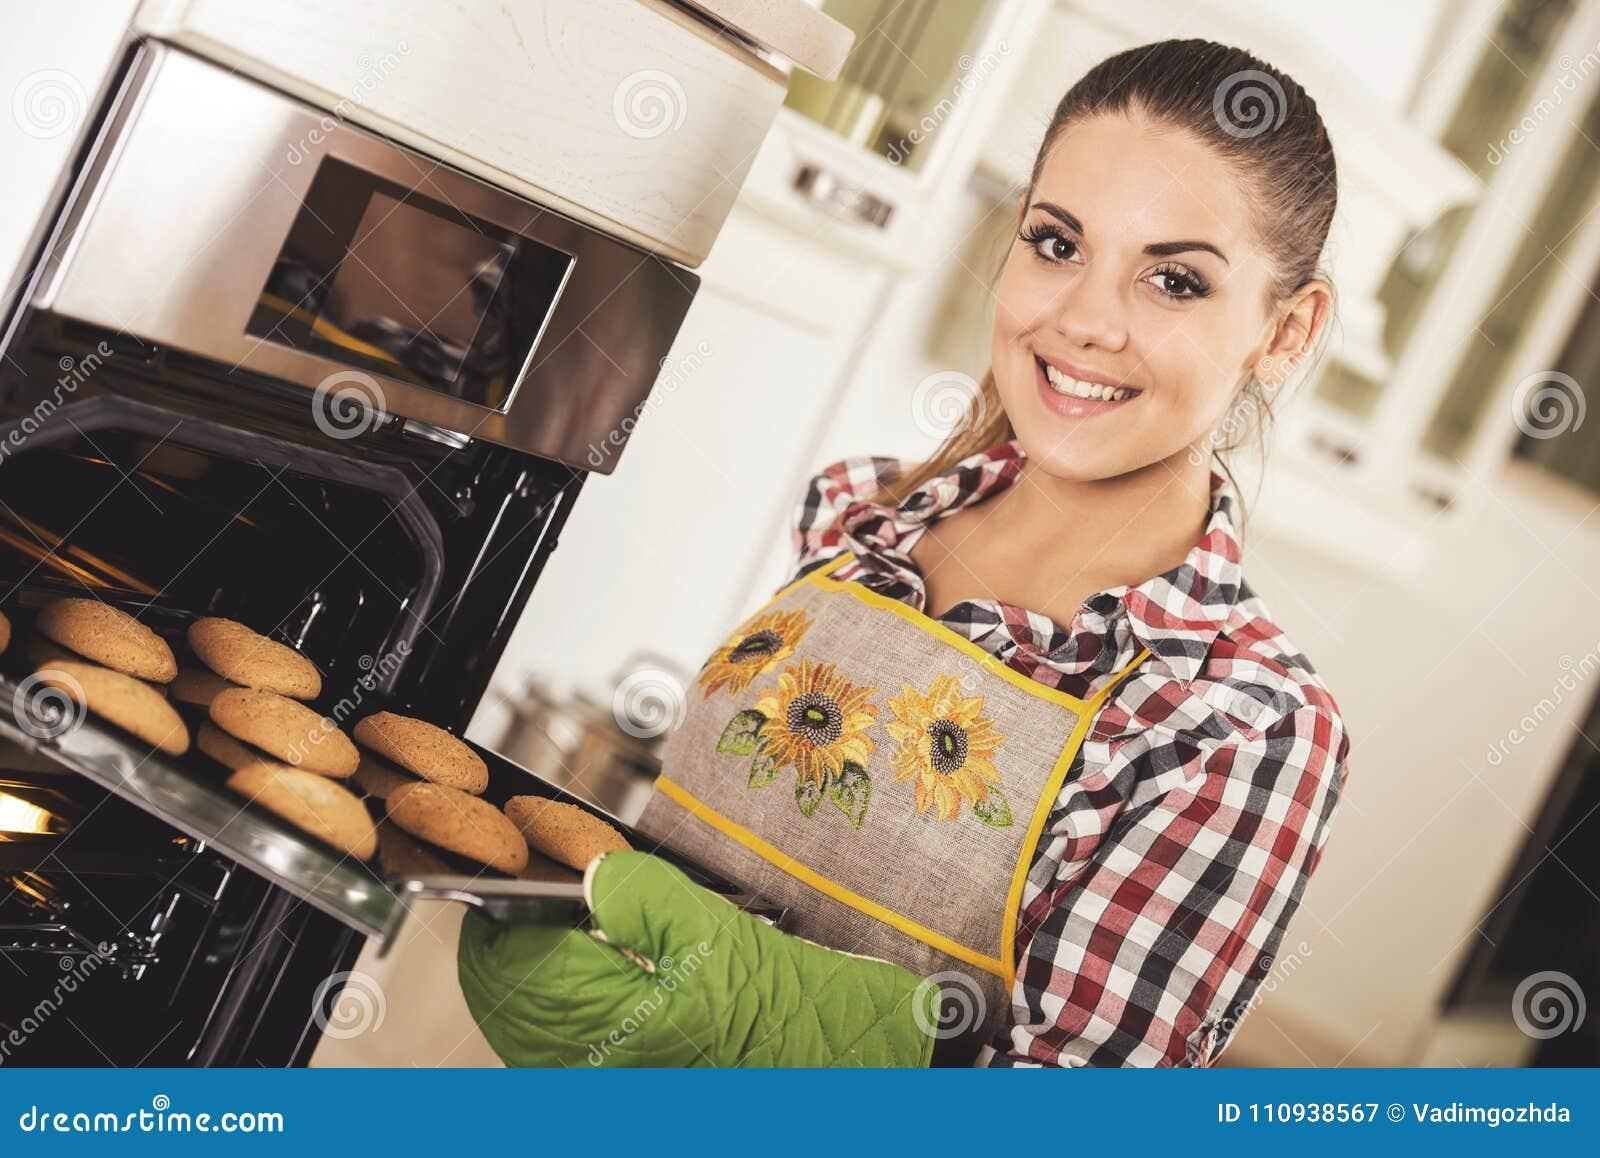 De jonge mooie vrouw trekt koekjes van de oven